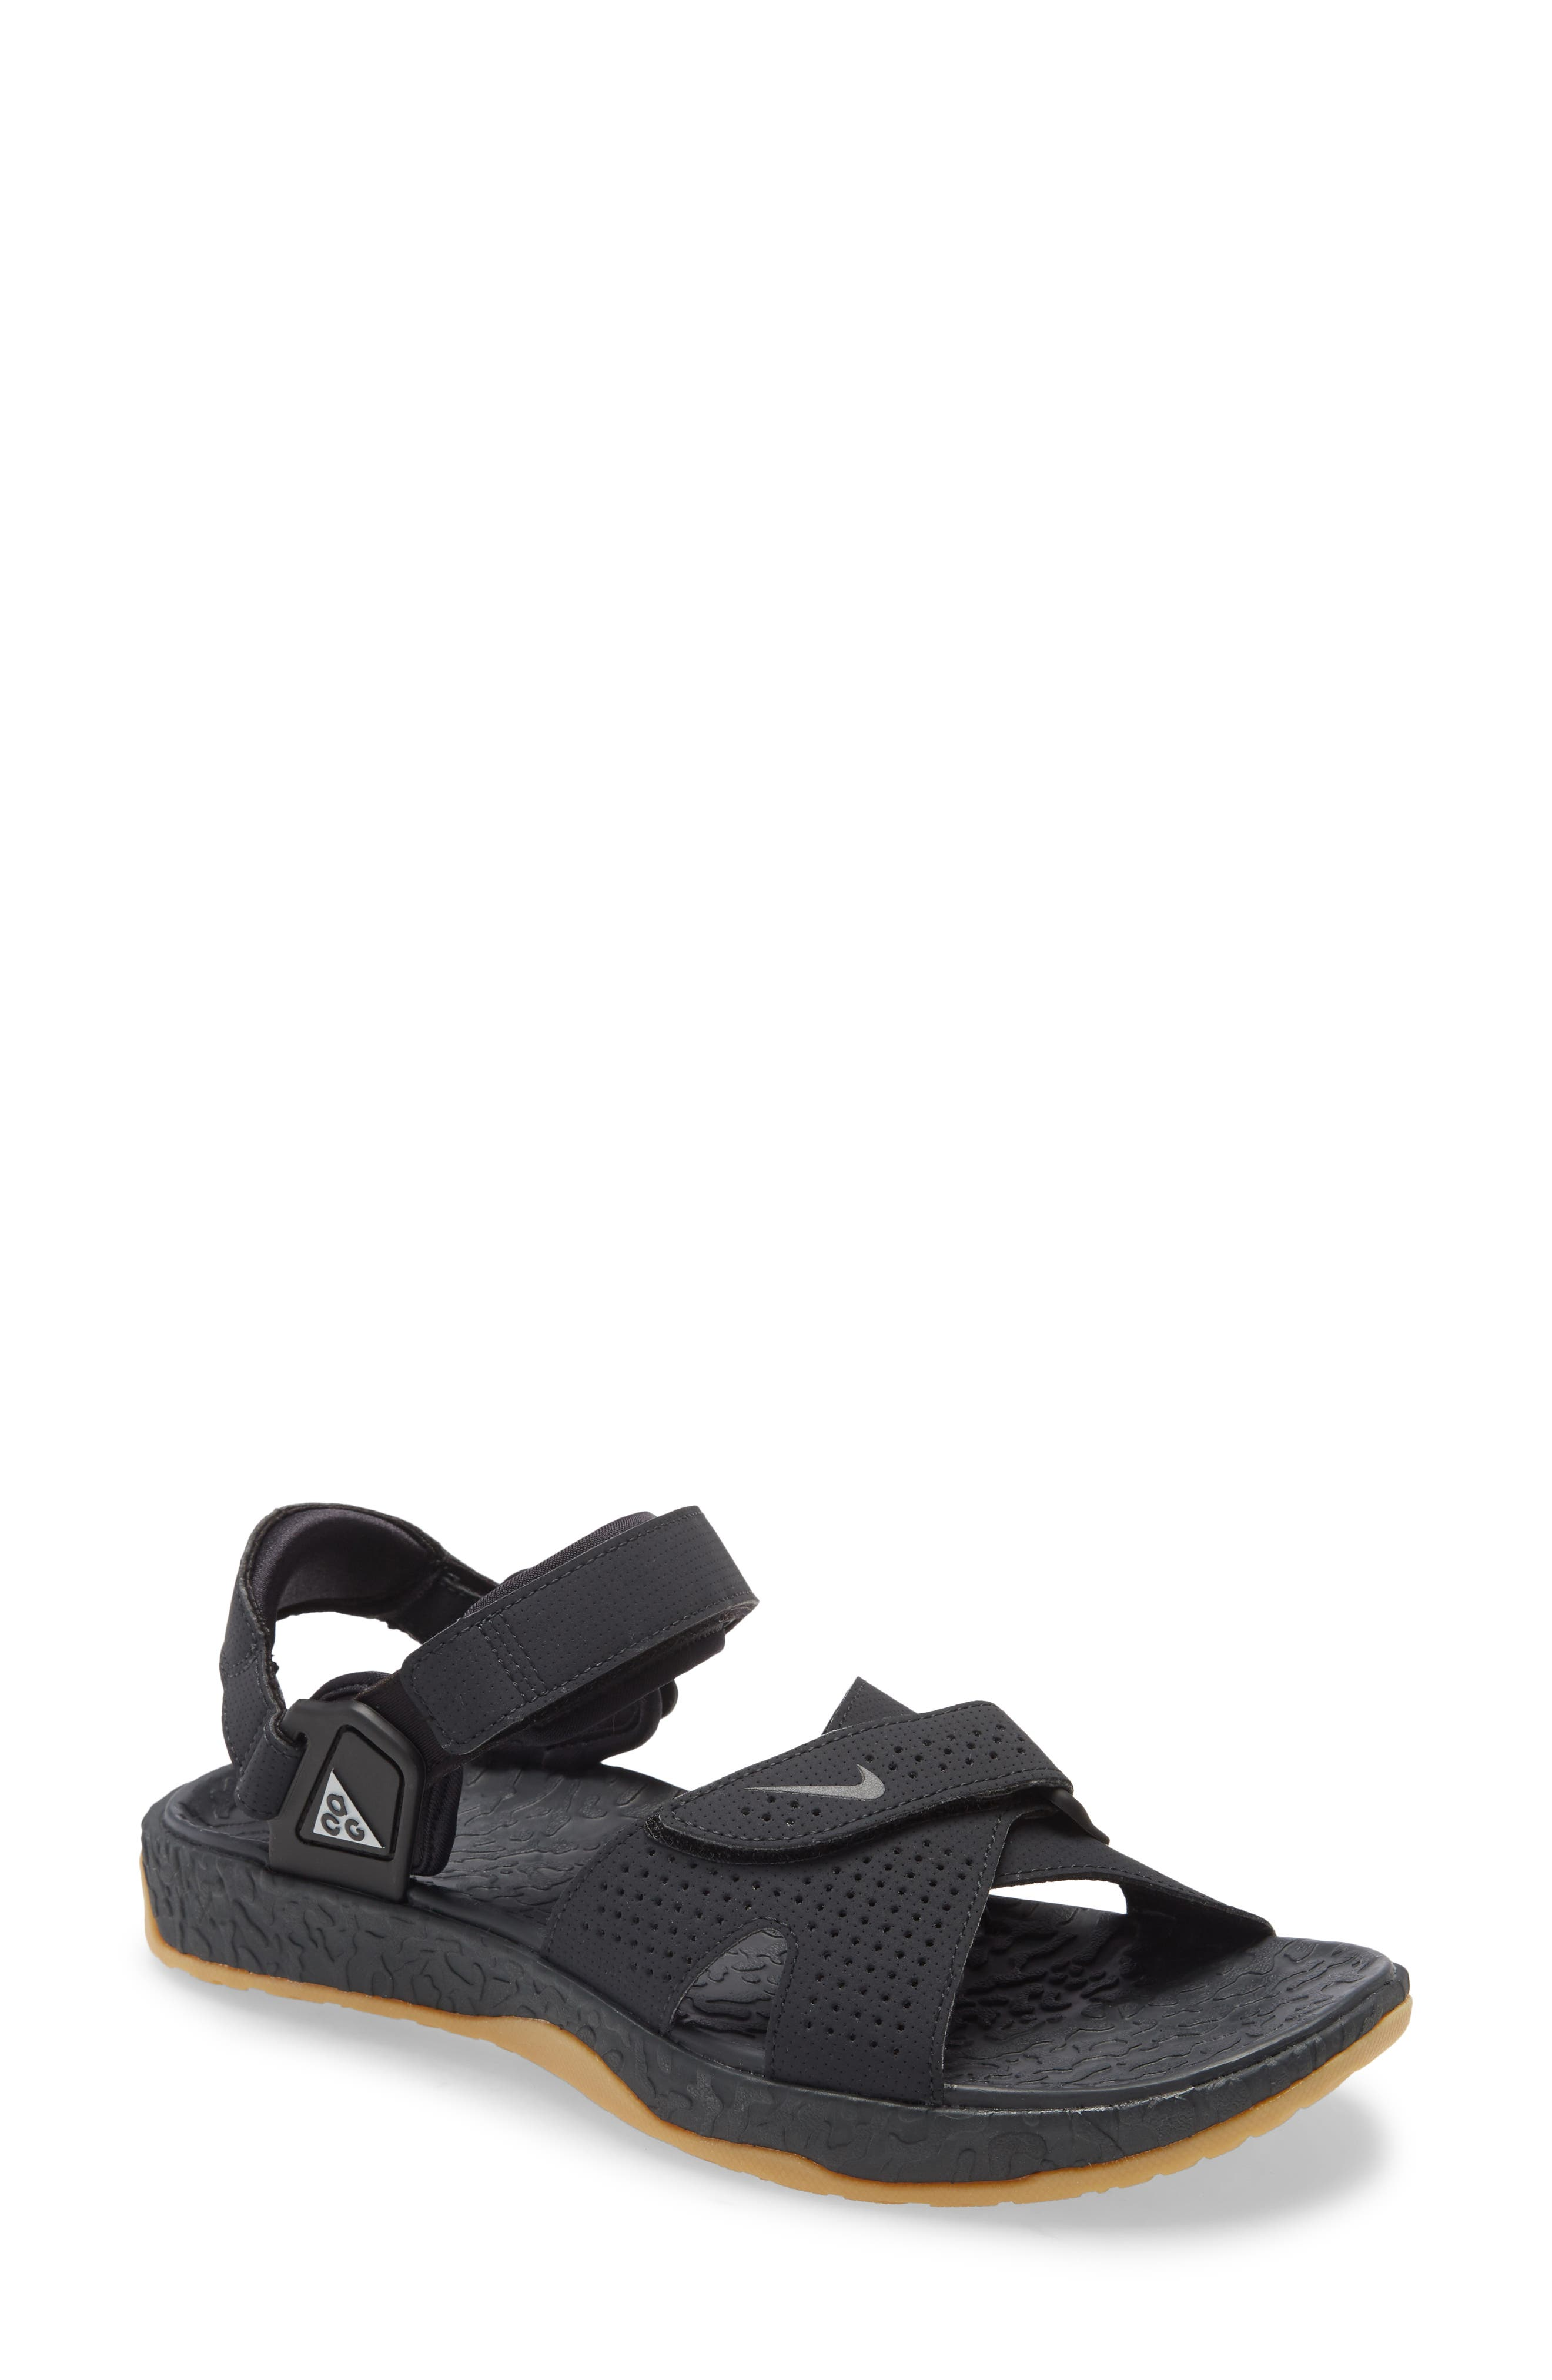 Nike ACG Air Deschutz Sandal (Men